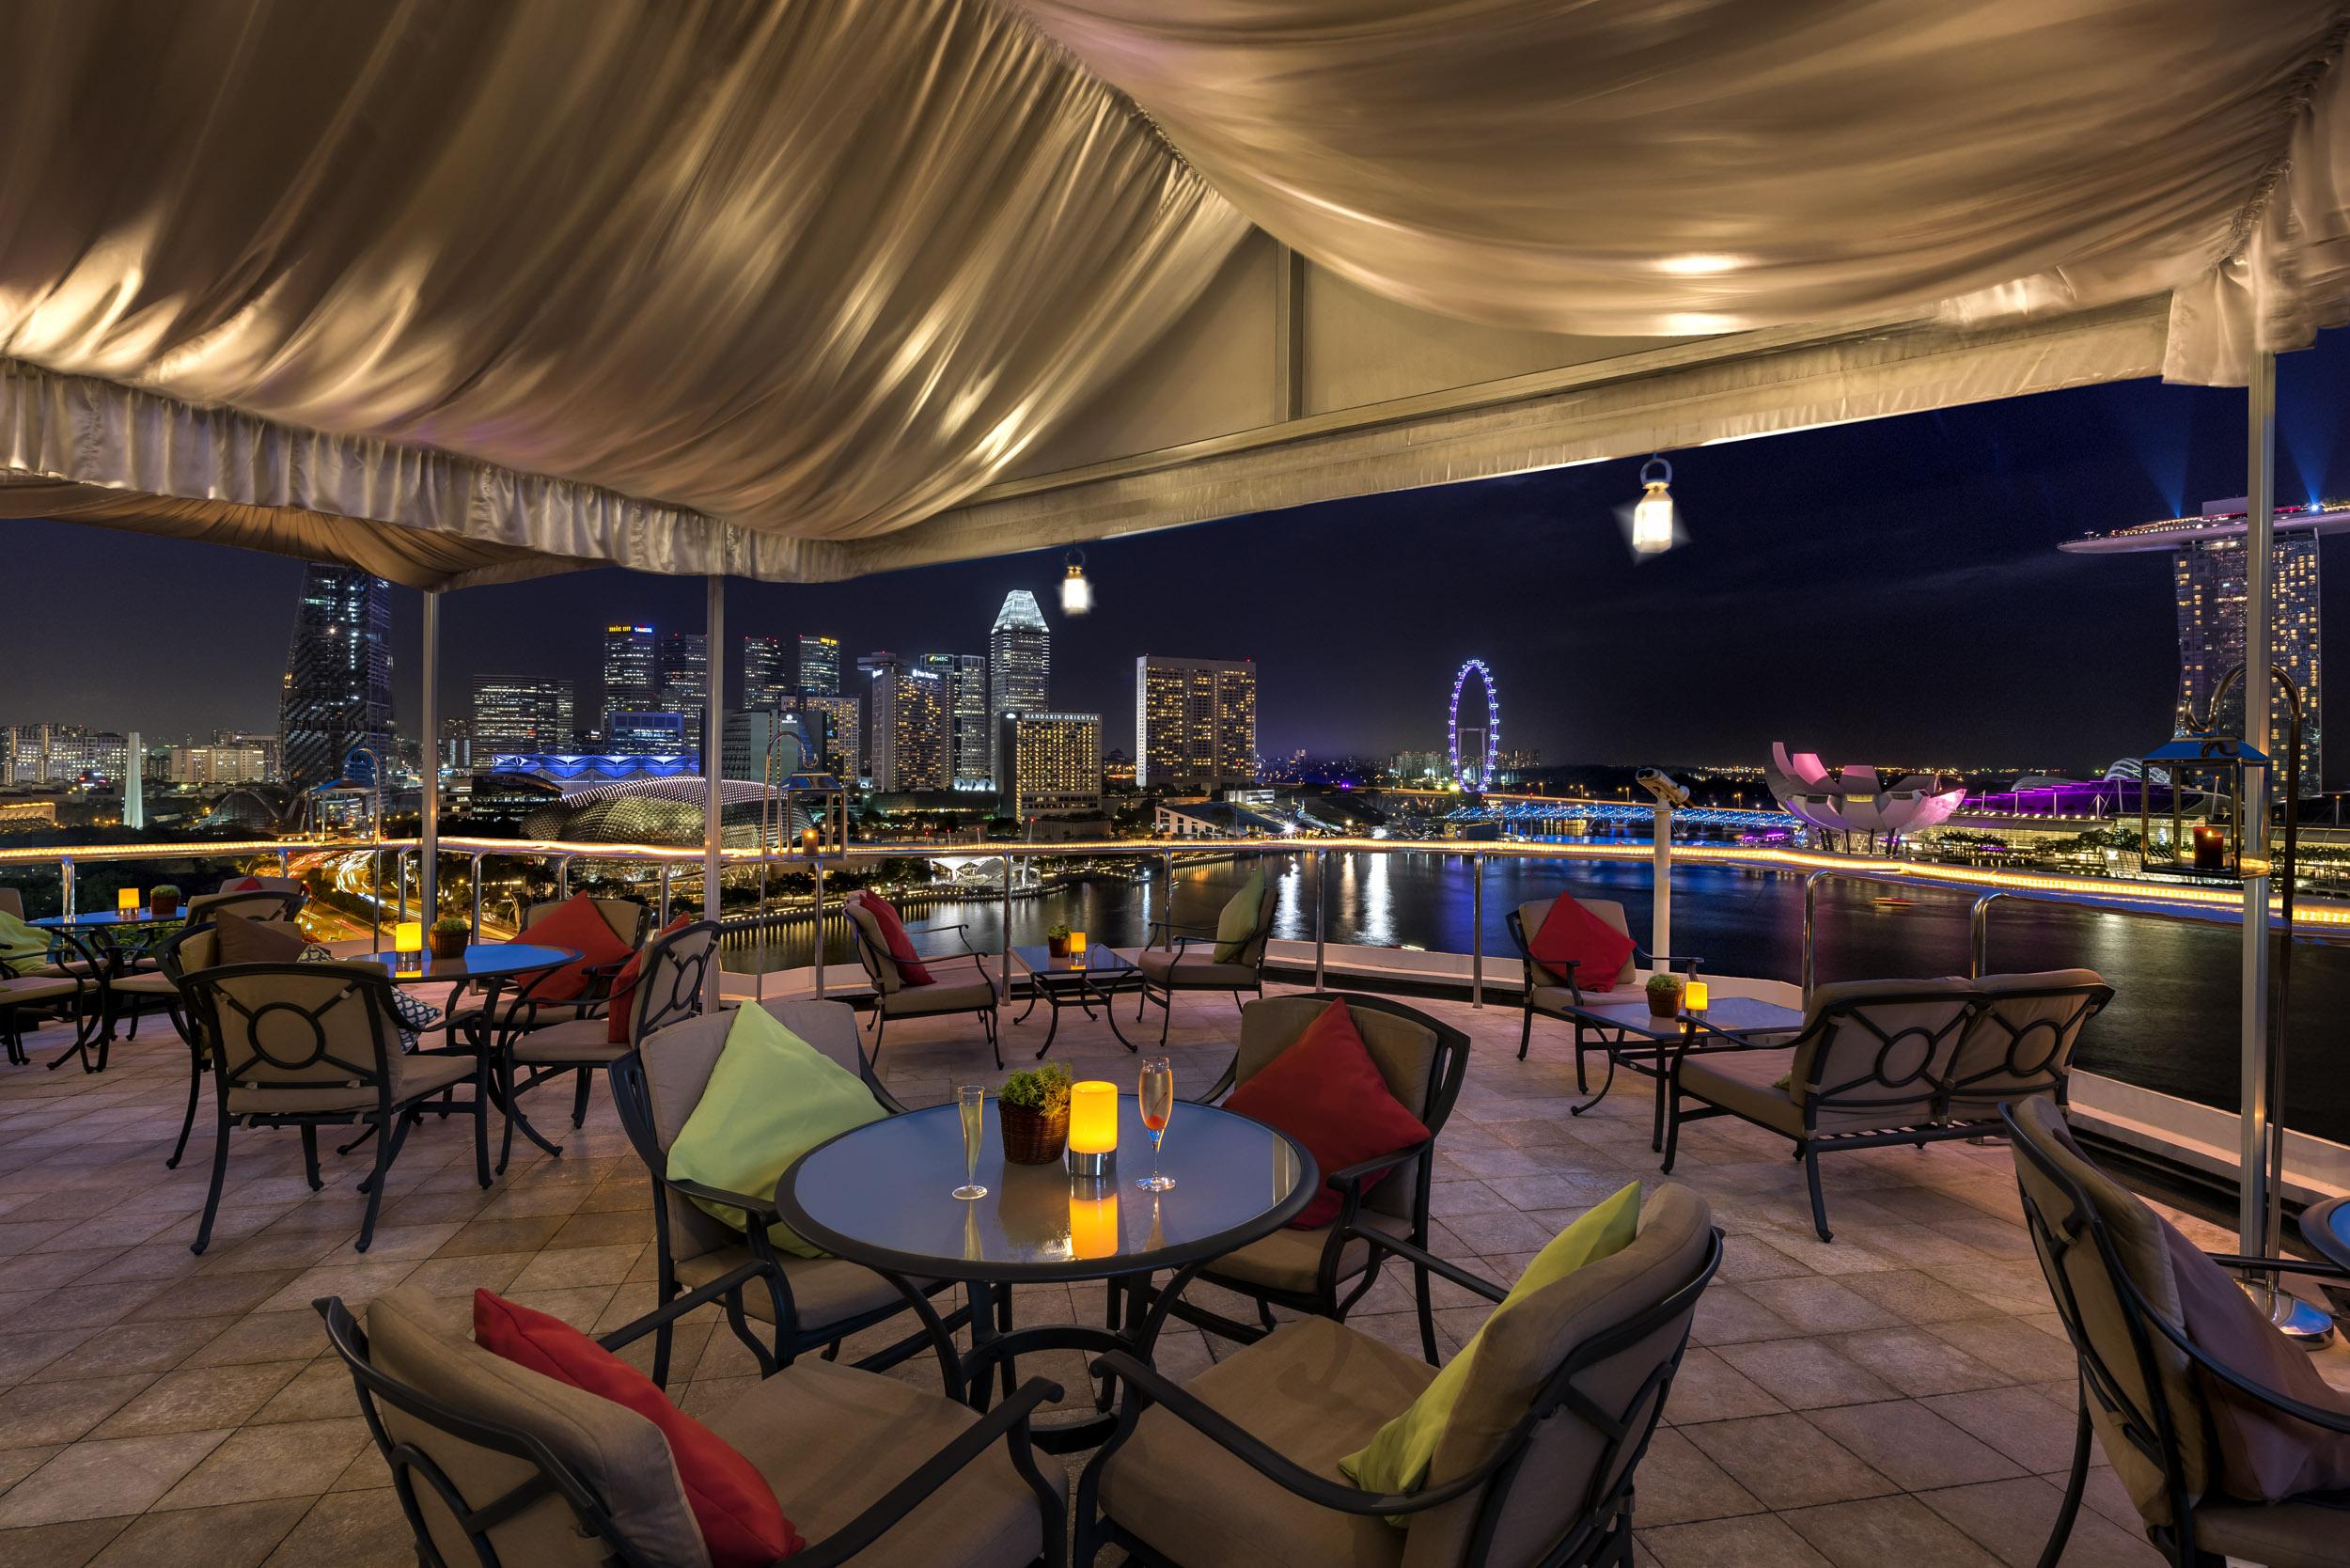 Late Night Chinese Restaurants Singapore